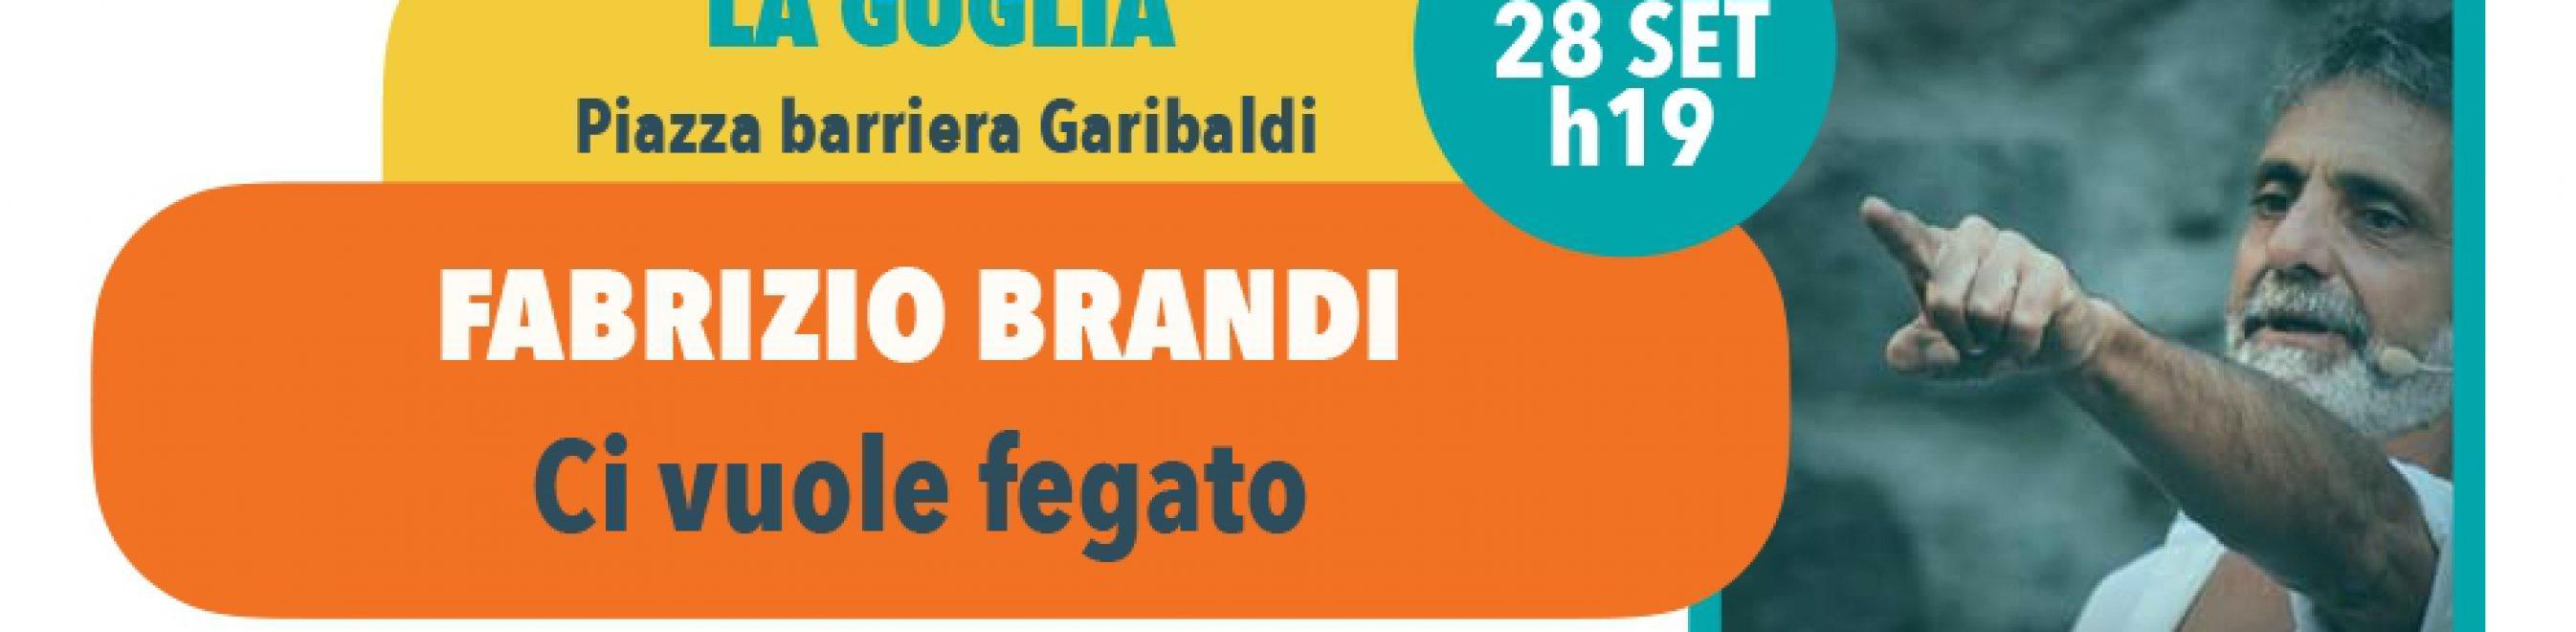 Giovedi 28 settembre, ore 19 - Scenari di Quartiere: La Guglia FABRIZIO BRANDI